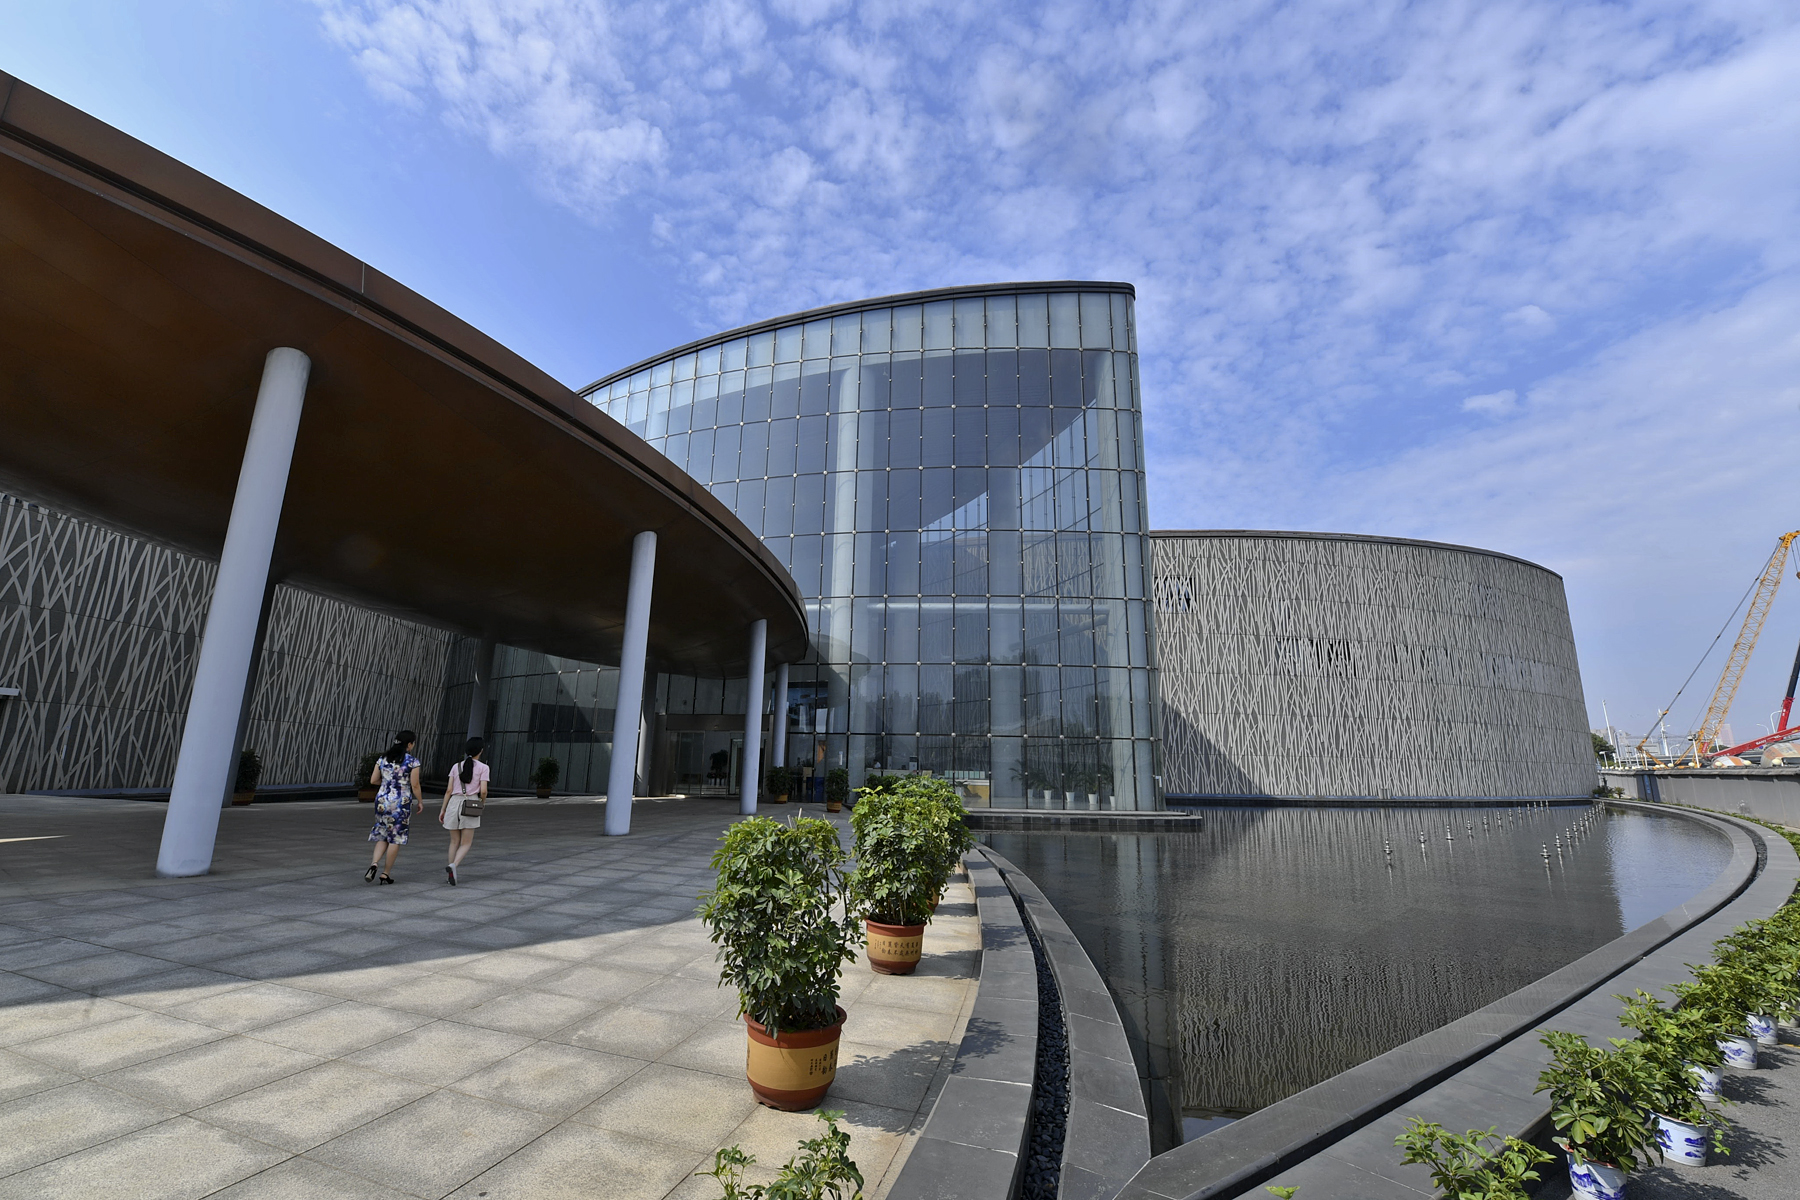 本月底,世界首个大型水稻博物馆——隆平水稻博物馆即将正式开馆,免费对市民开放。 长沙晚报全媒体记者 王志伟 摄